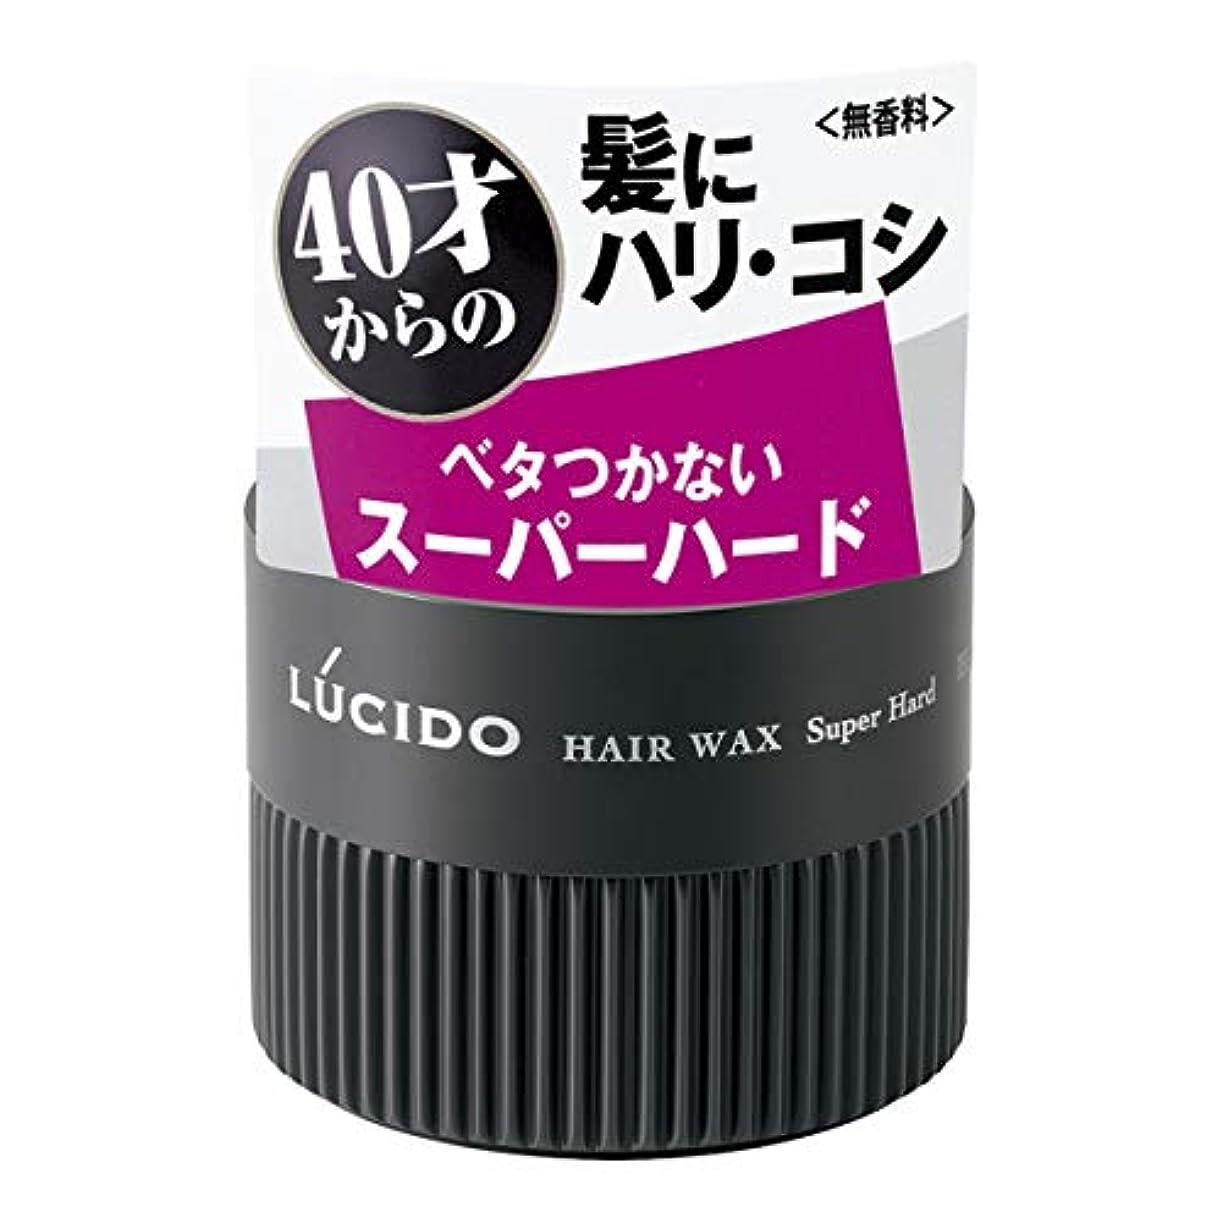 価格パッケージ出血LUCIDO(ルシード) ヘアワックス スーパーハード 80g